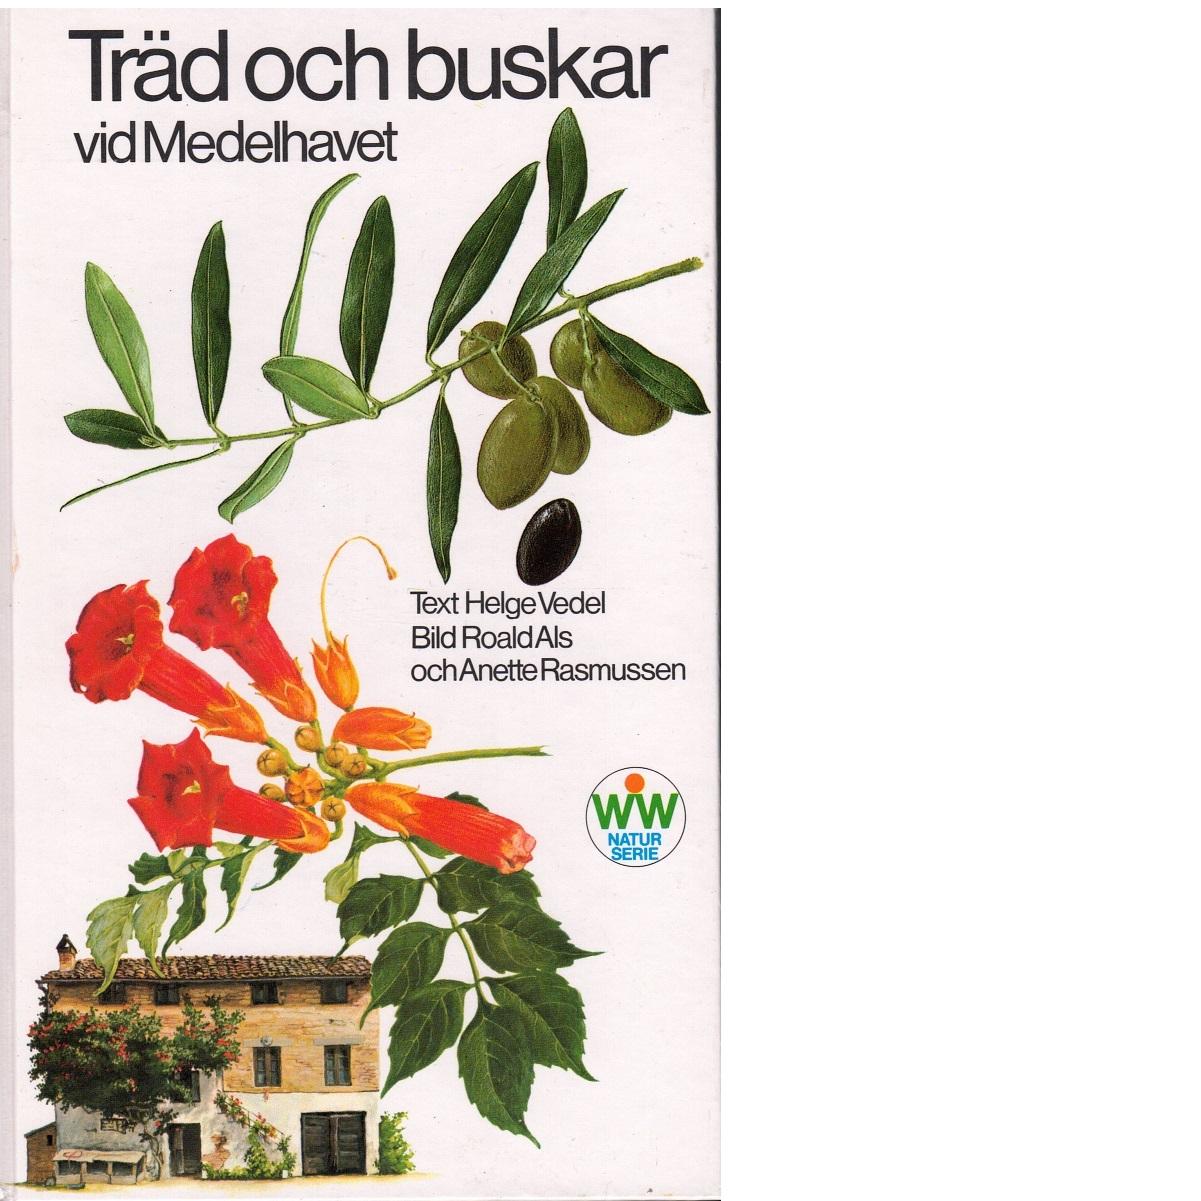 Träd och buskar vid Medelhavet - Vedel, Helge och Als, Roald samt Rasmussen, Anette